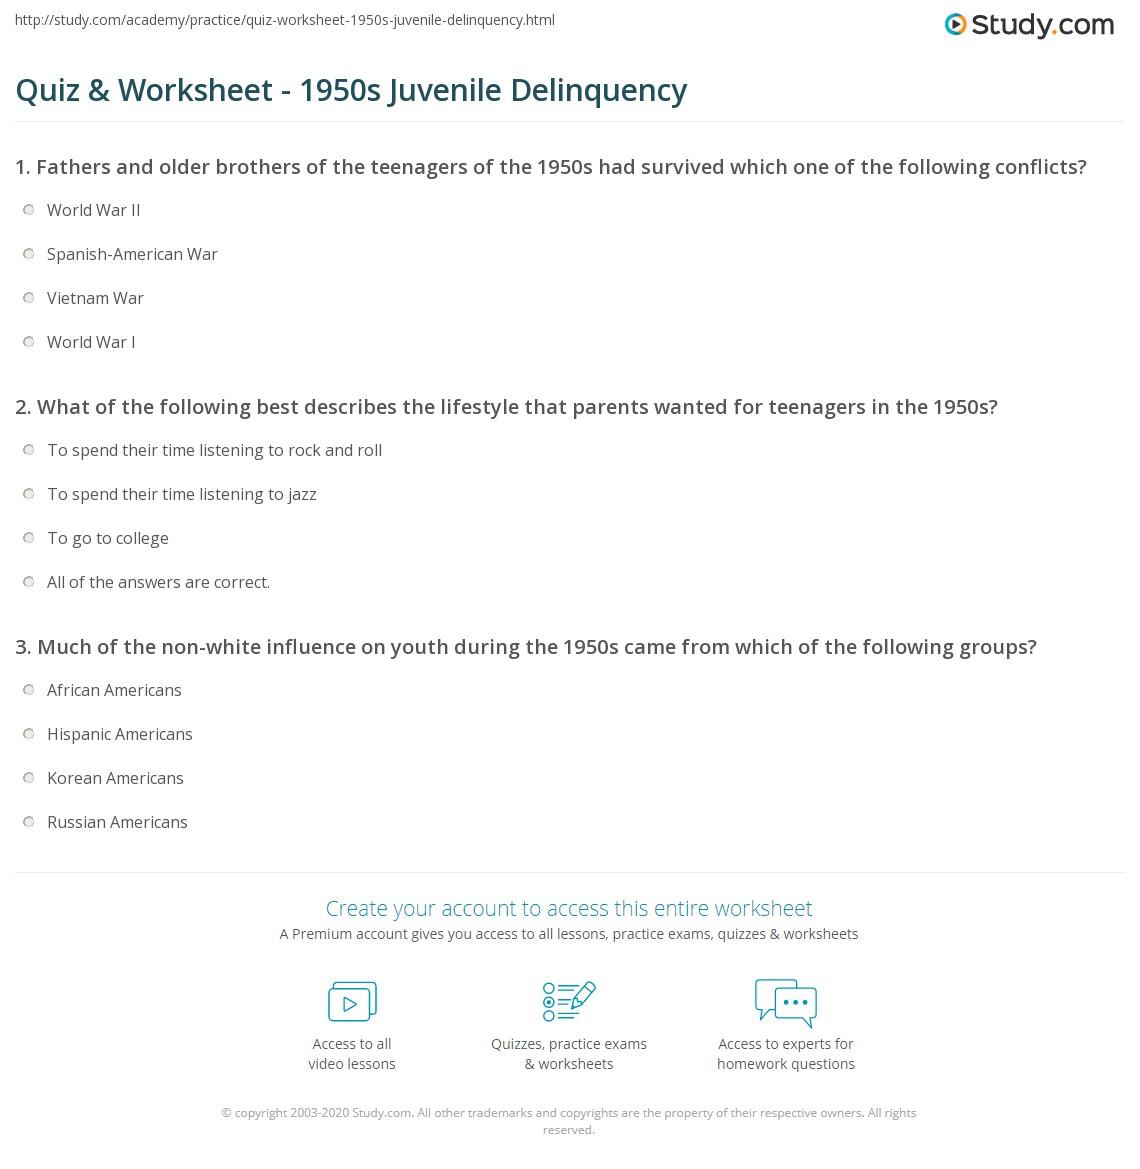 Quiz & Worksheet - 1950s Juvenile Delinquency | Study.com